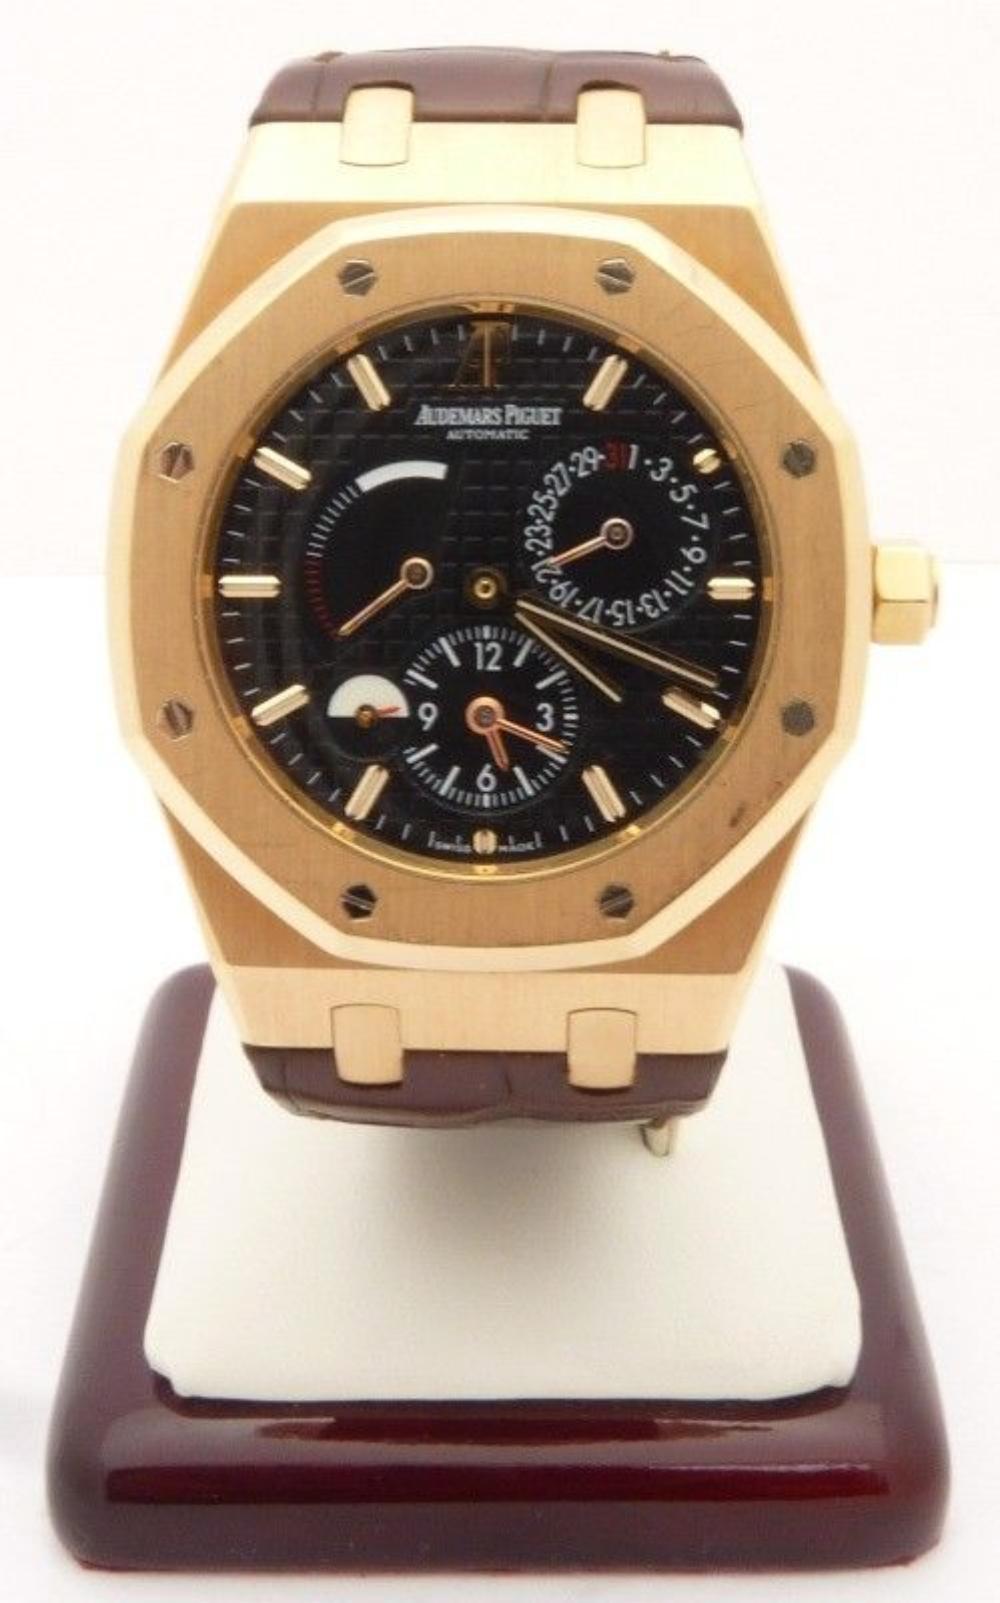 Audemars Piguet Dual Time Power Reserve 18K Rose Gold Watch